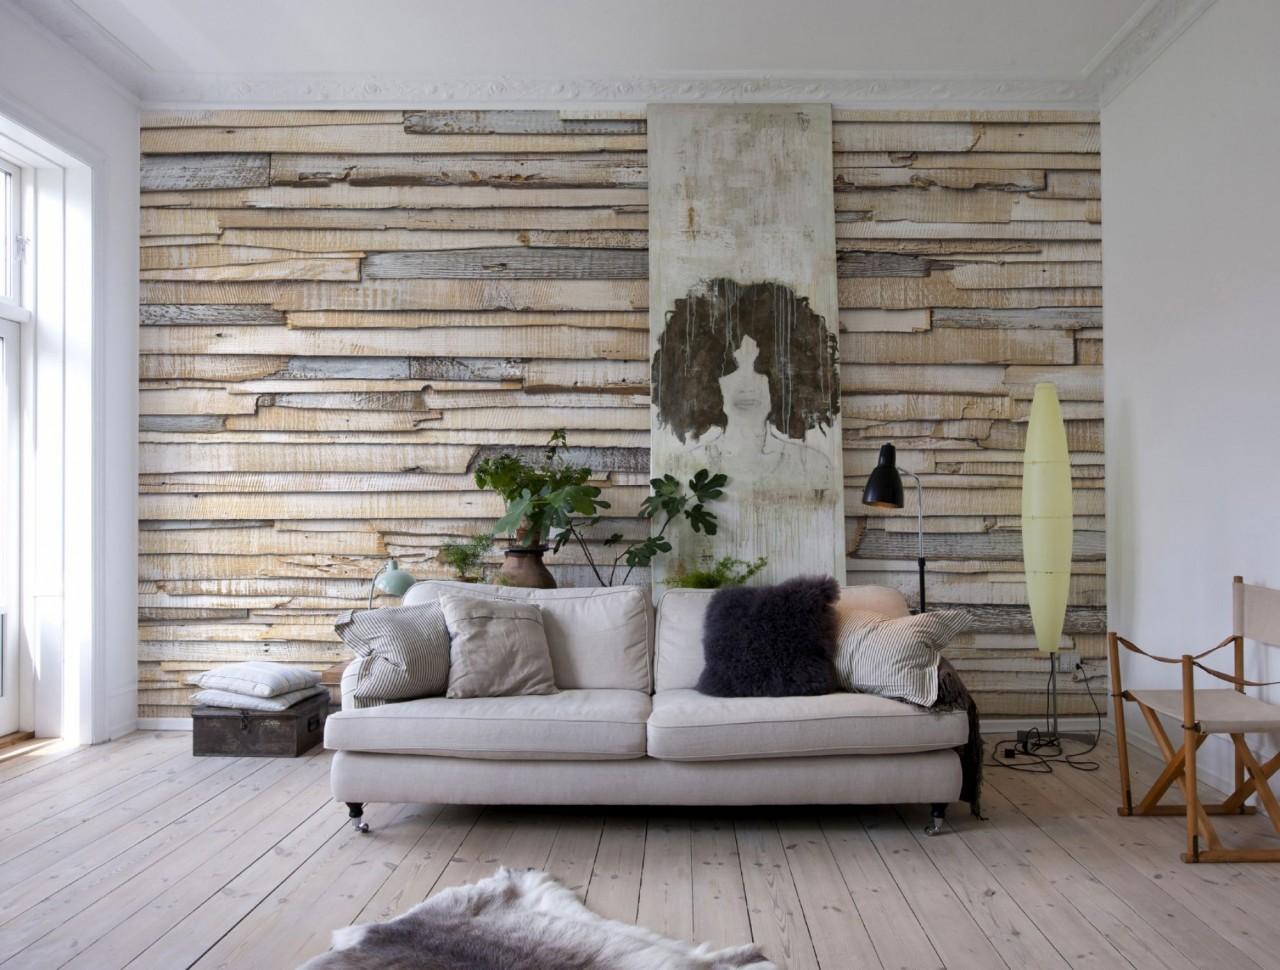 Отделка стен деревом в квартире своими руками 100